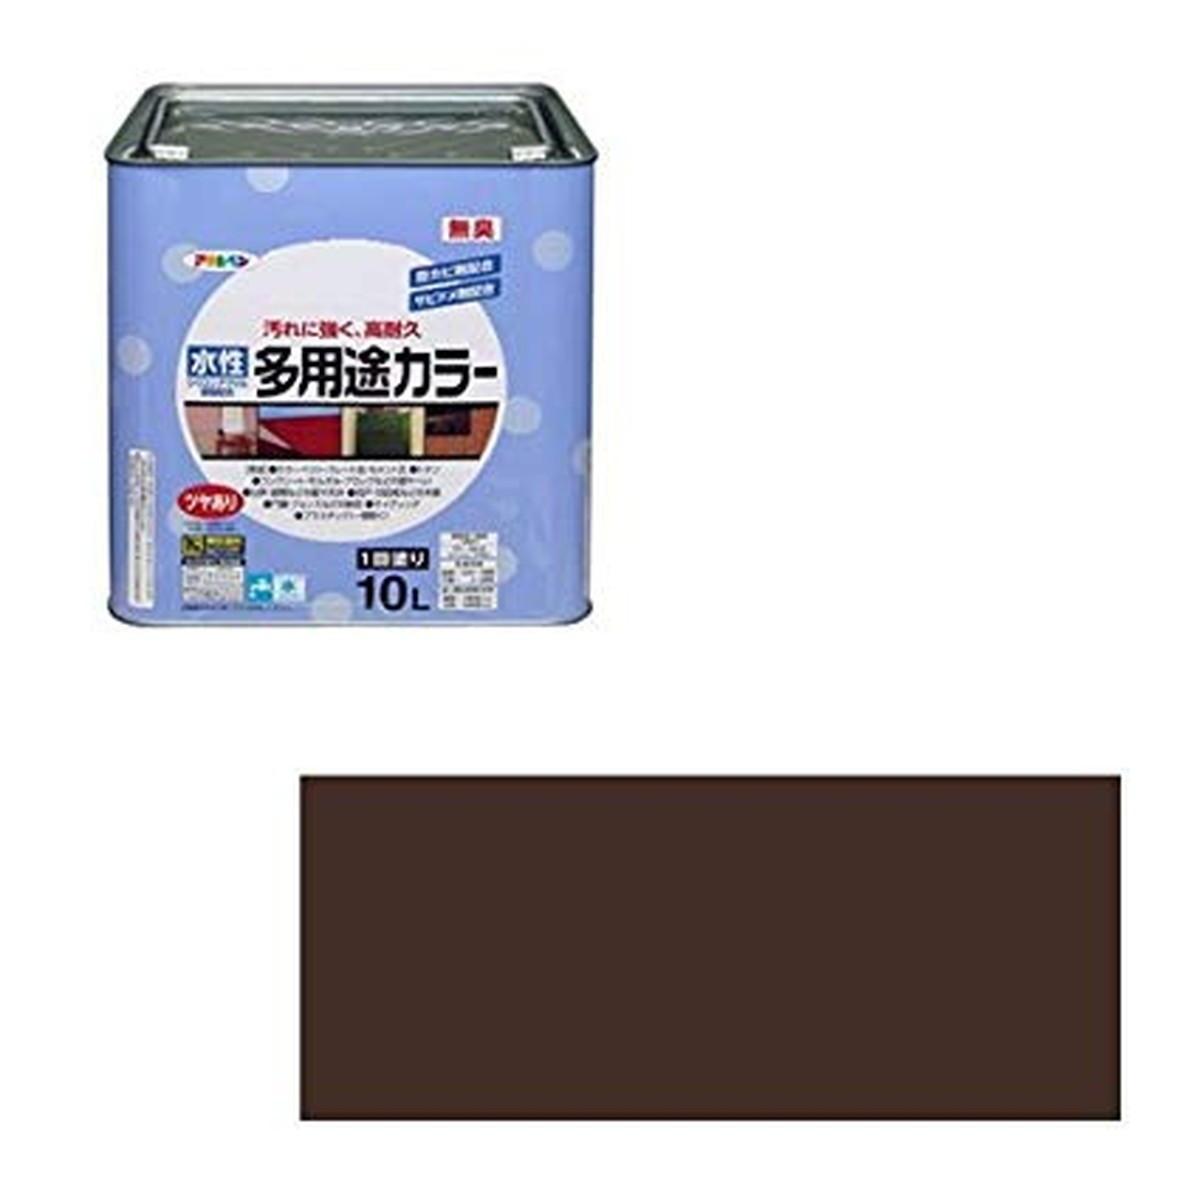 アサヒペン 水性多用途カラー 10L こげ茶【クーポン配布中】